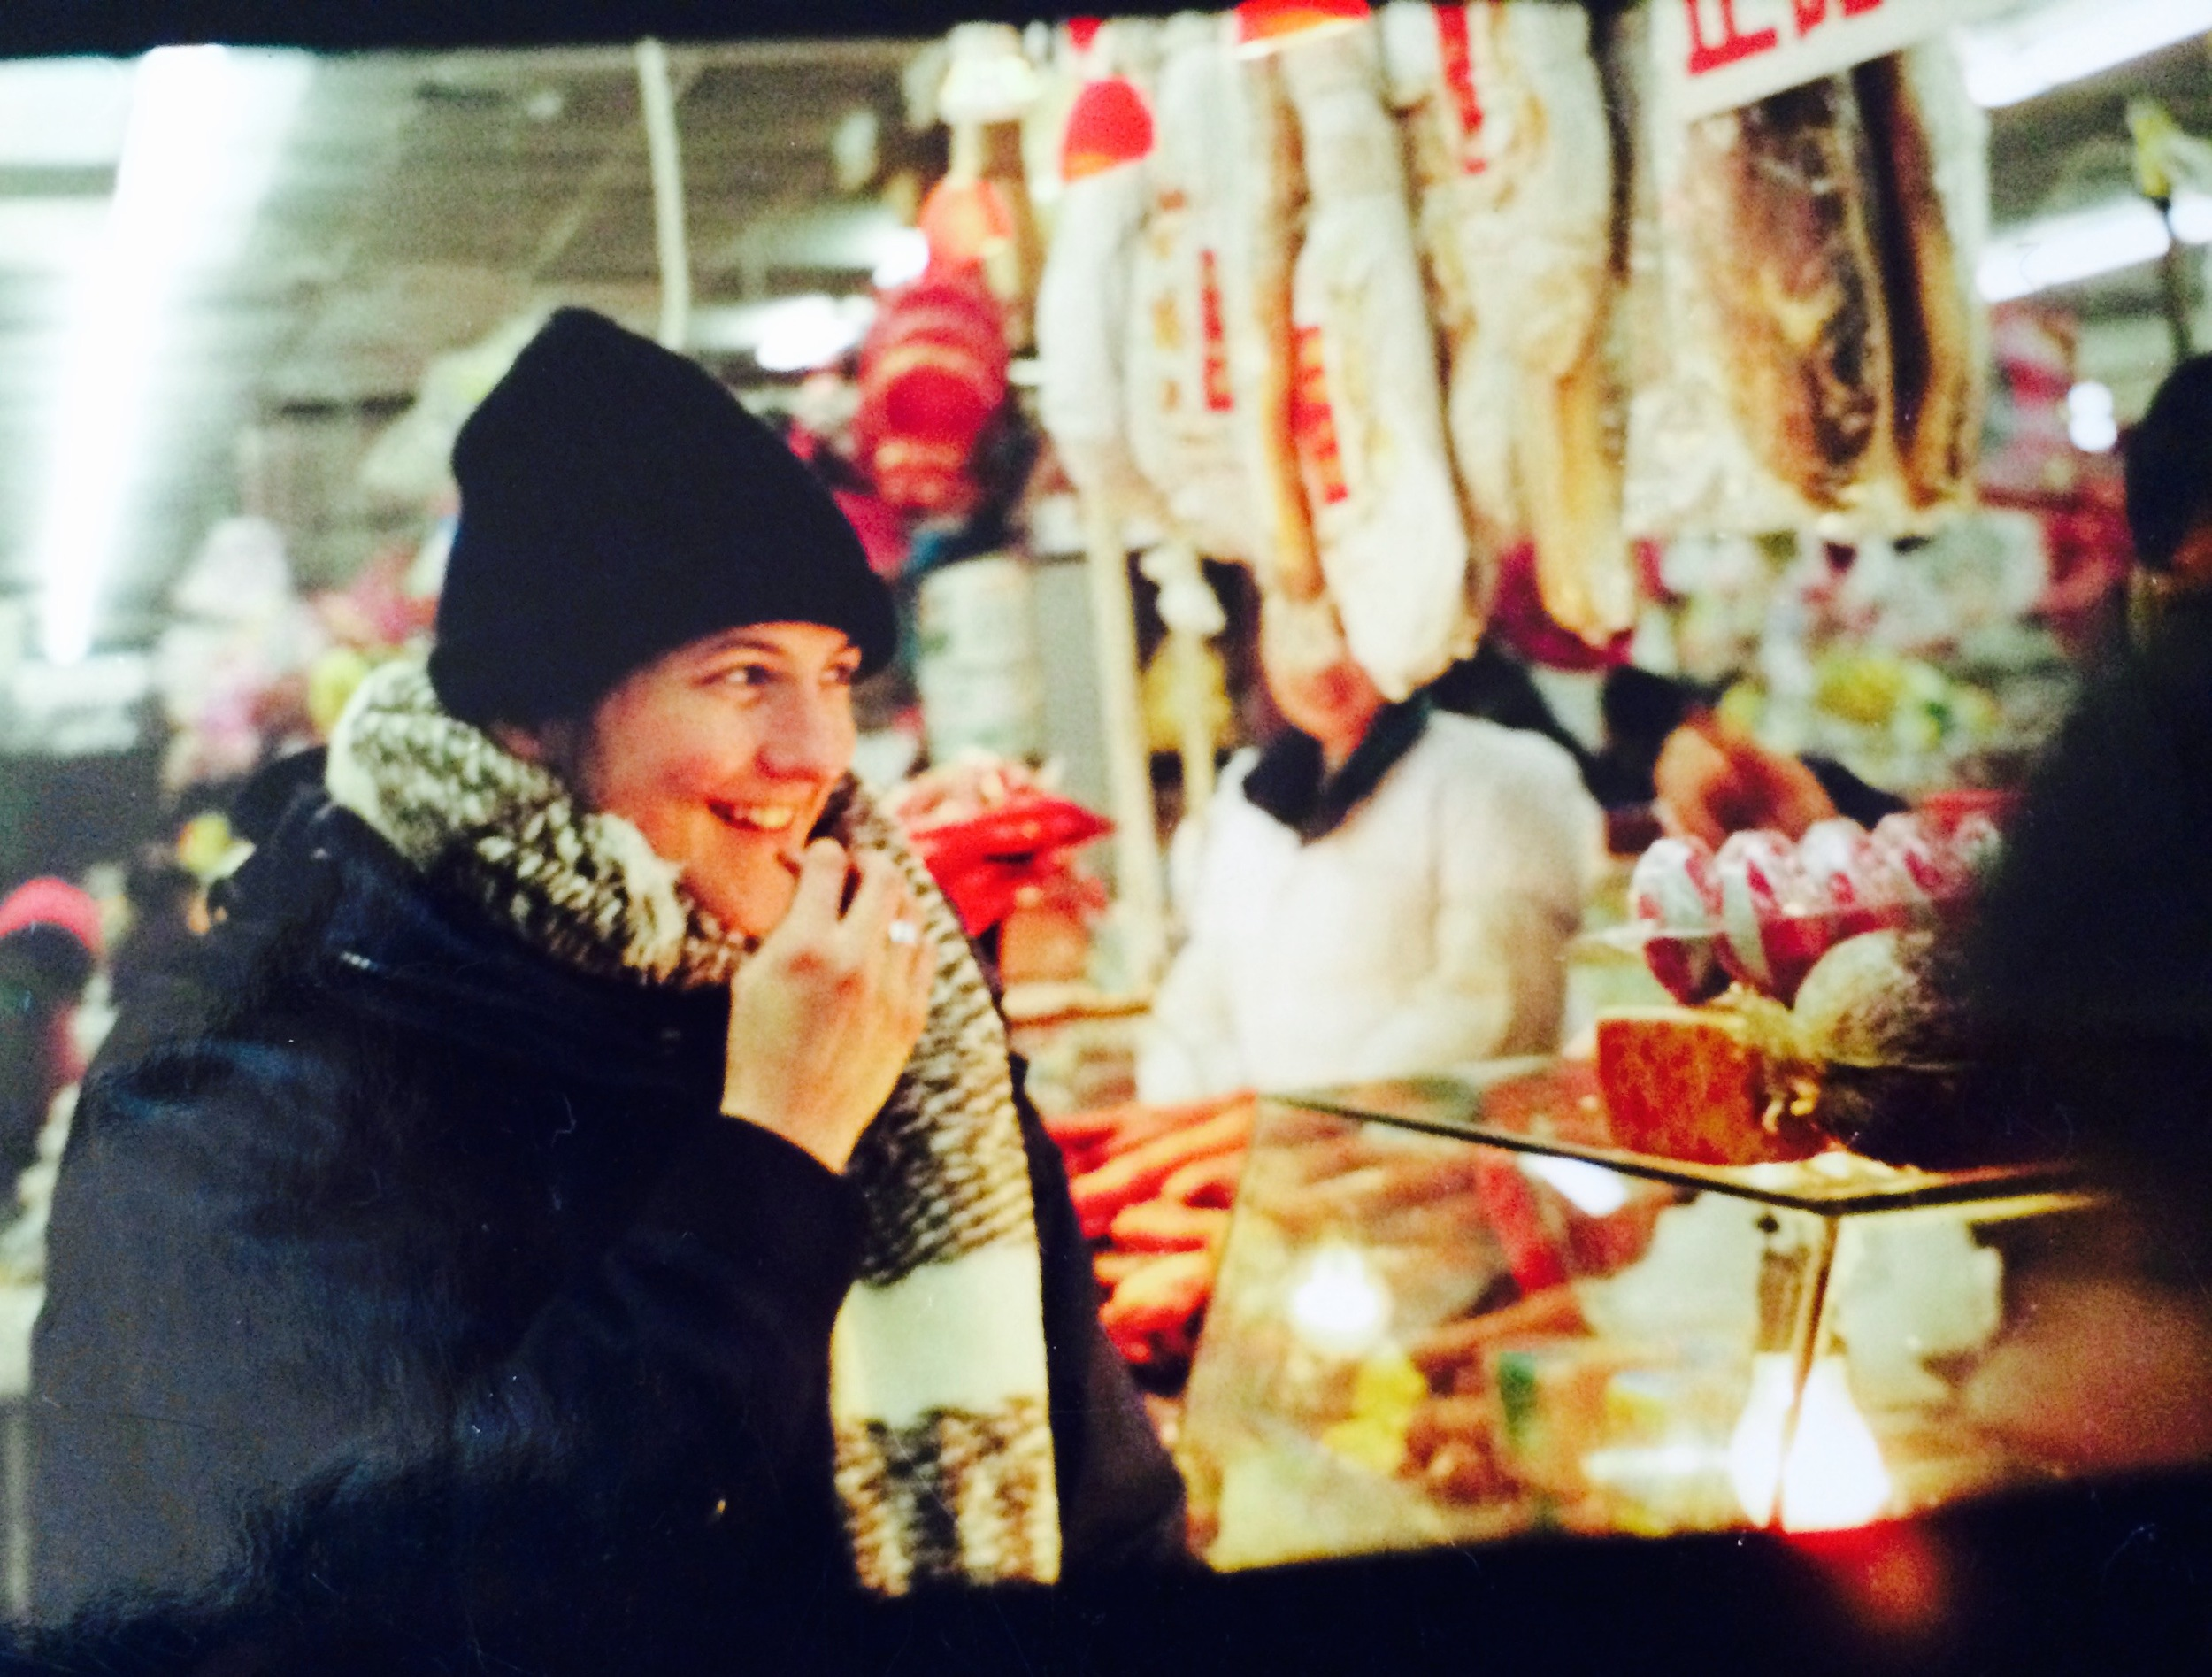 me tasting deli meats, Harbin, 2000